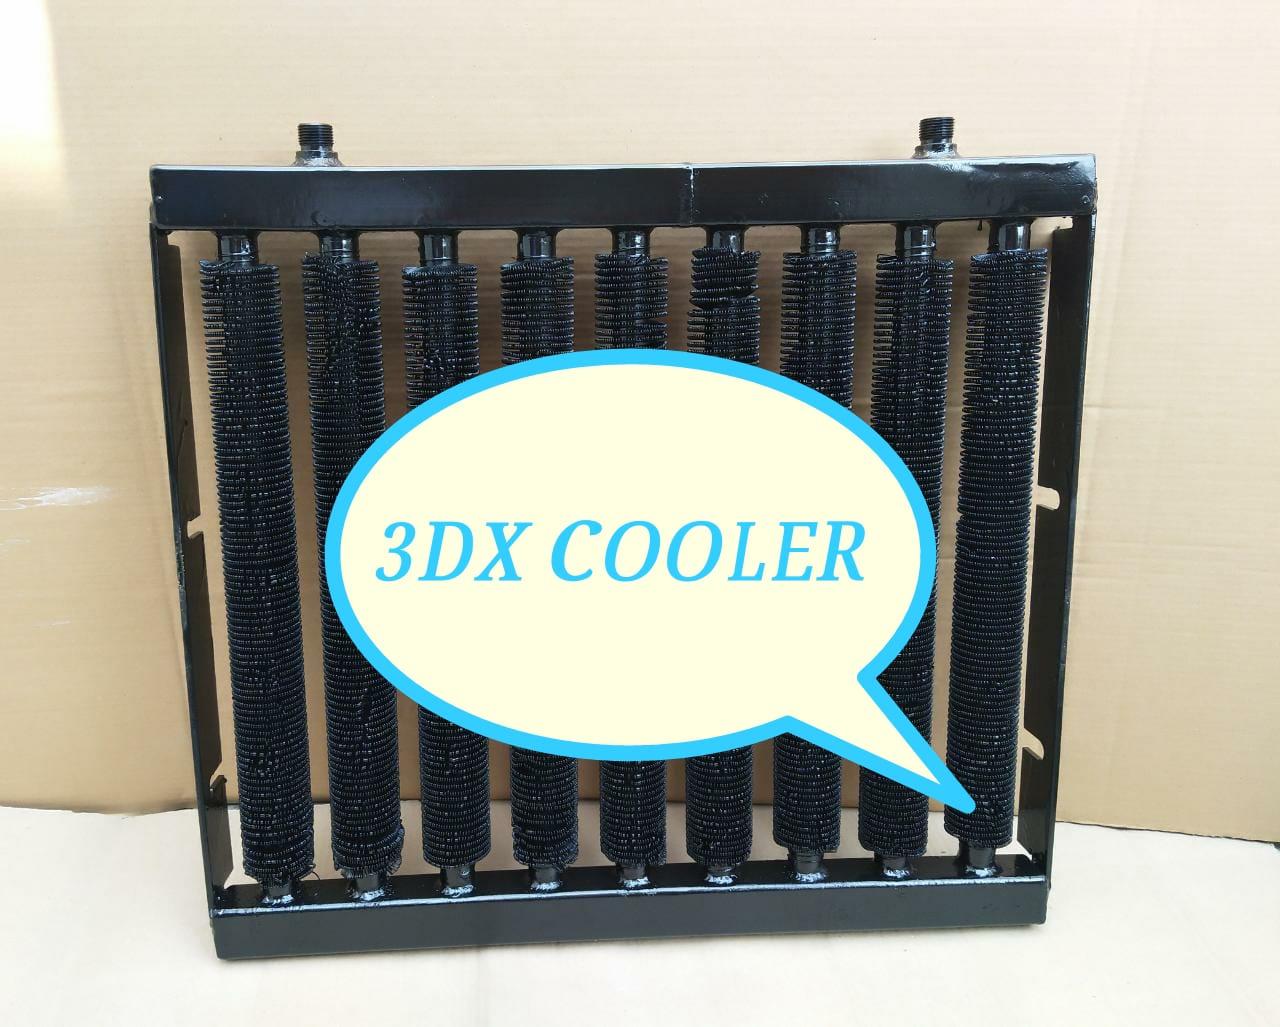 3DX OIL COOLER